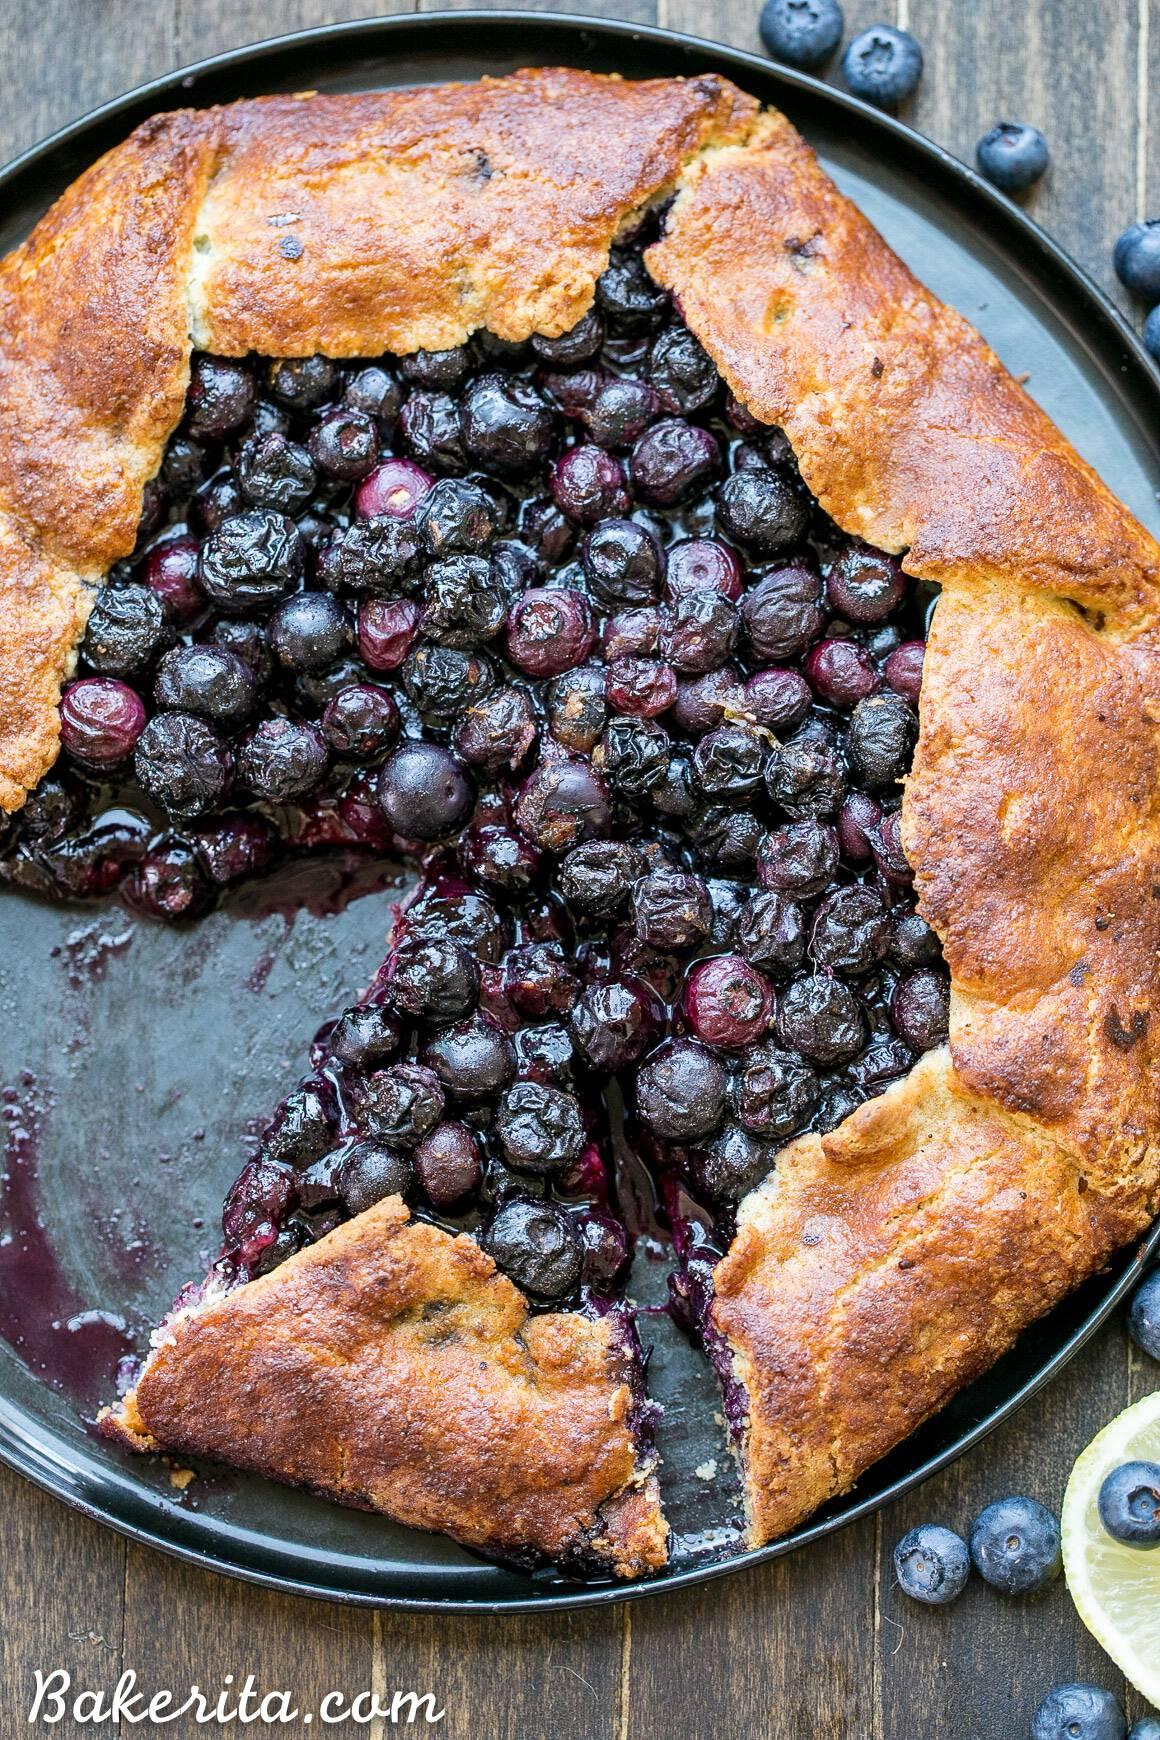 Paleo, gluten free blueberry galette